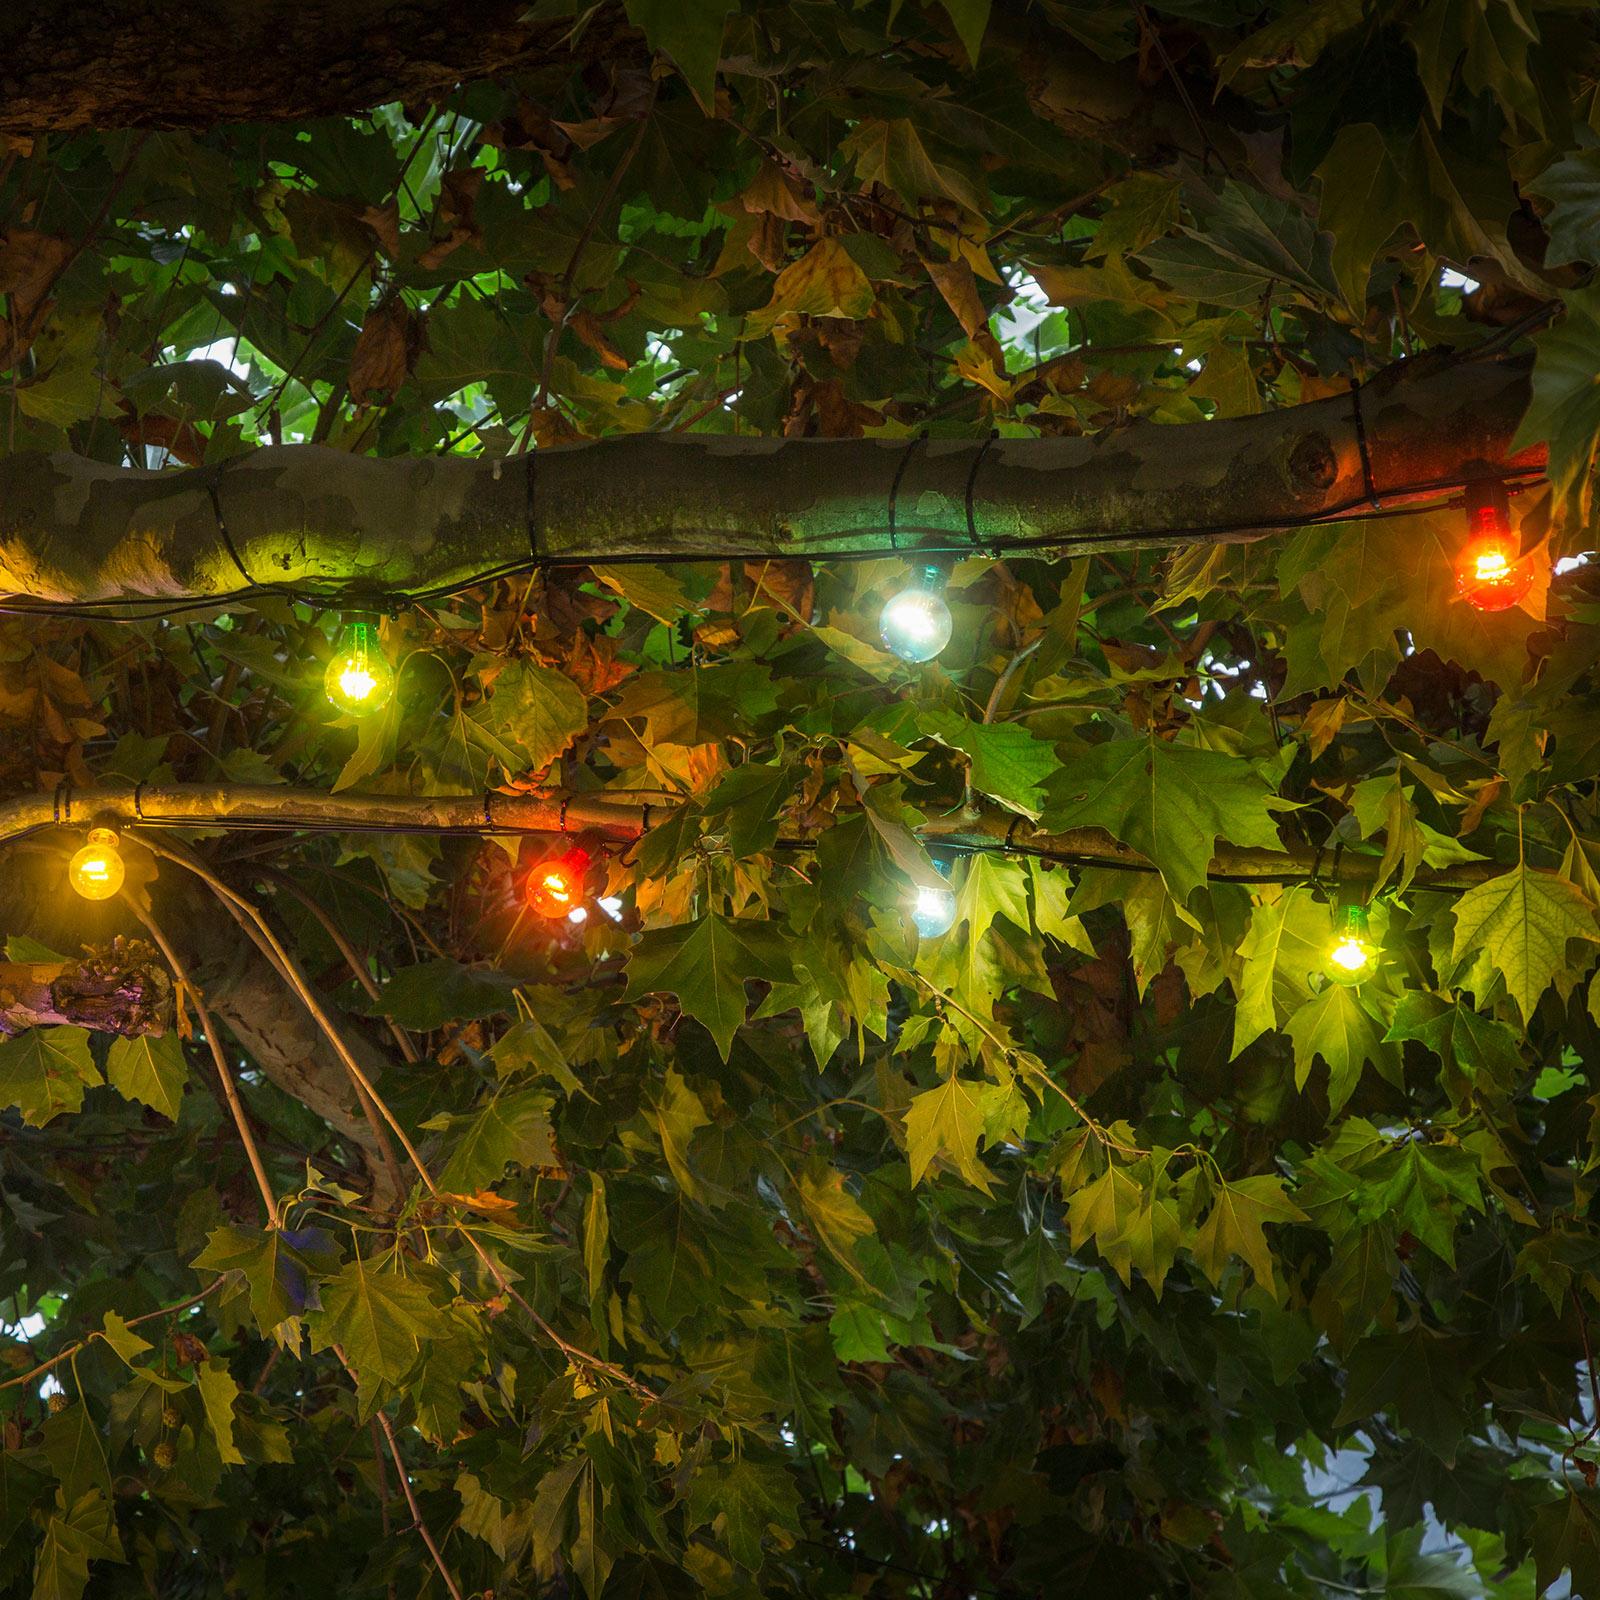 LED-lyslenke Ølhage utvidelse, flerfarget